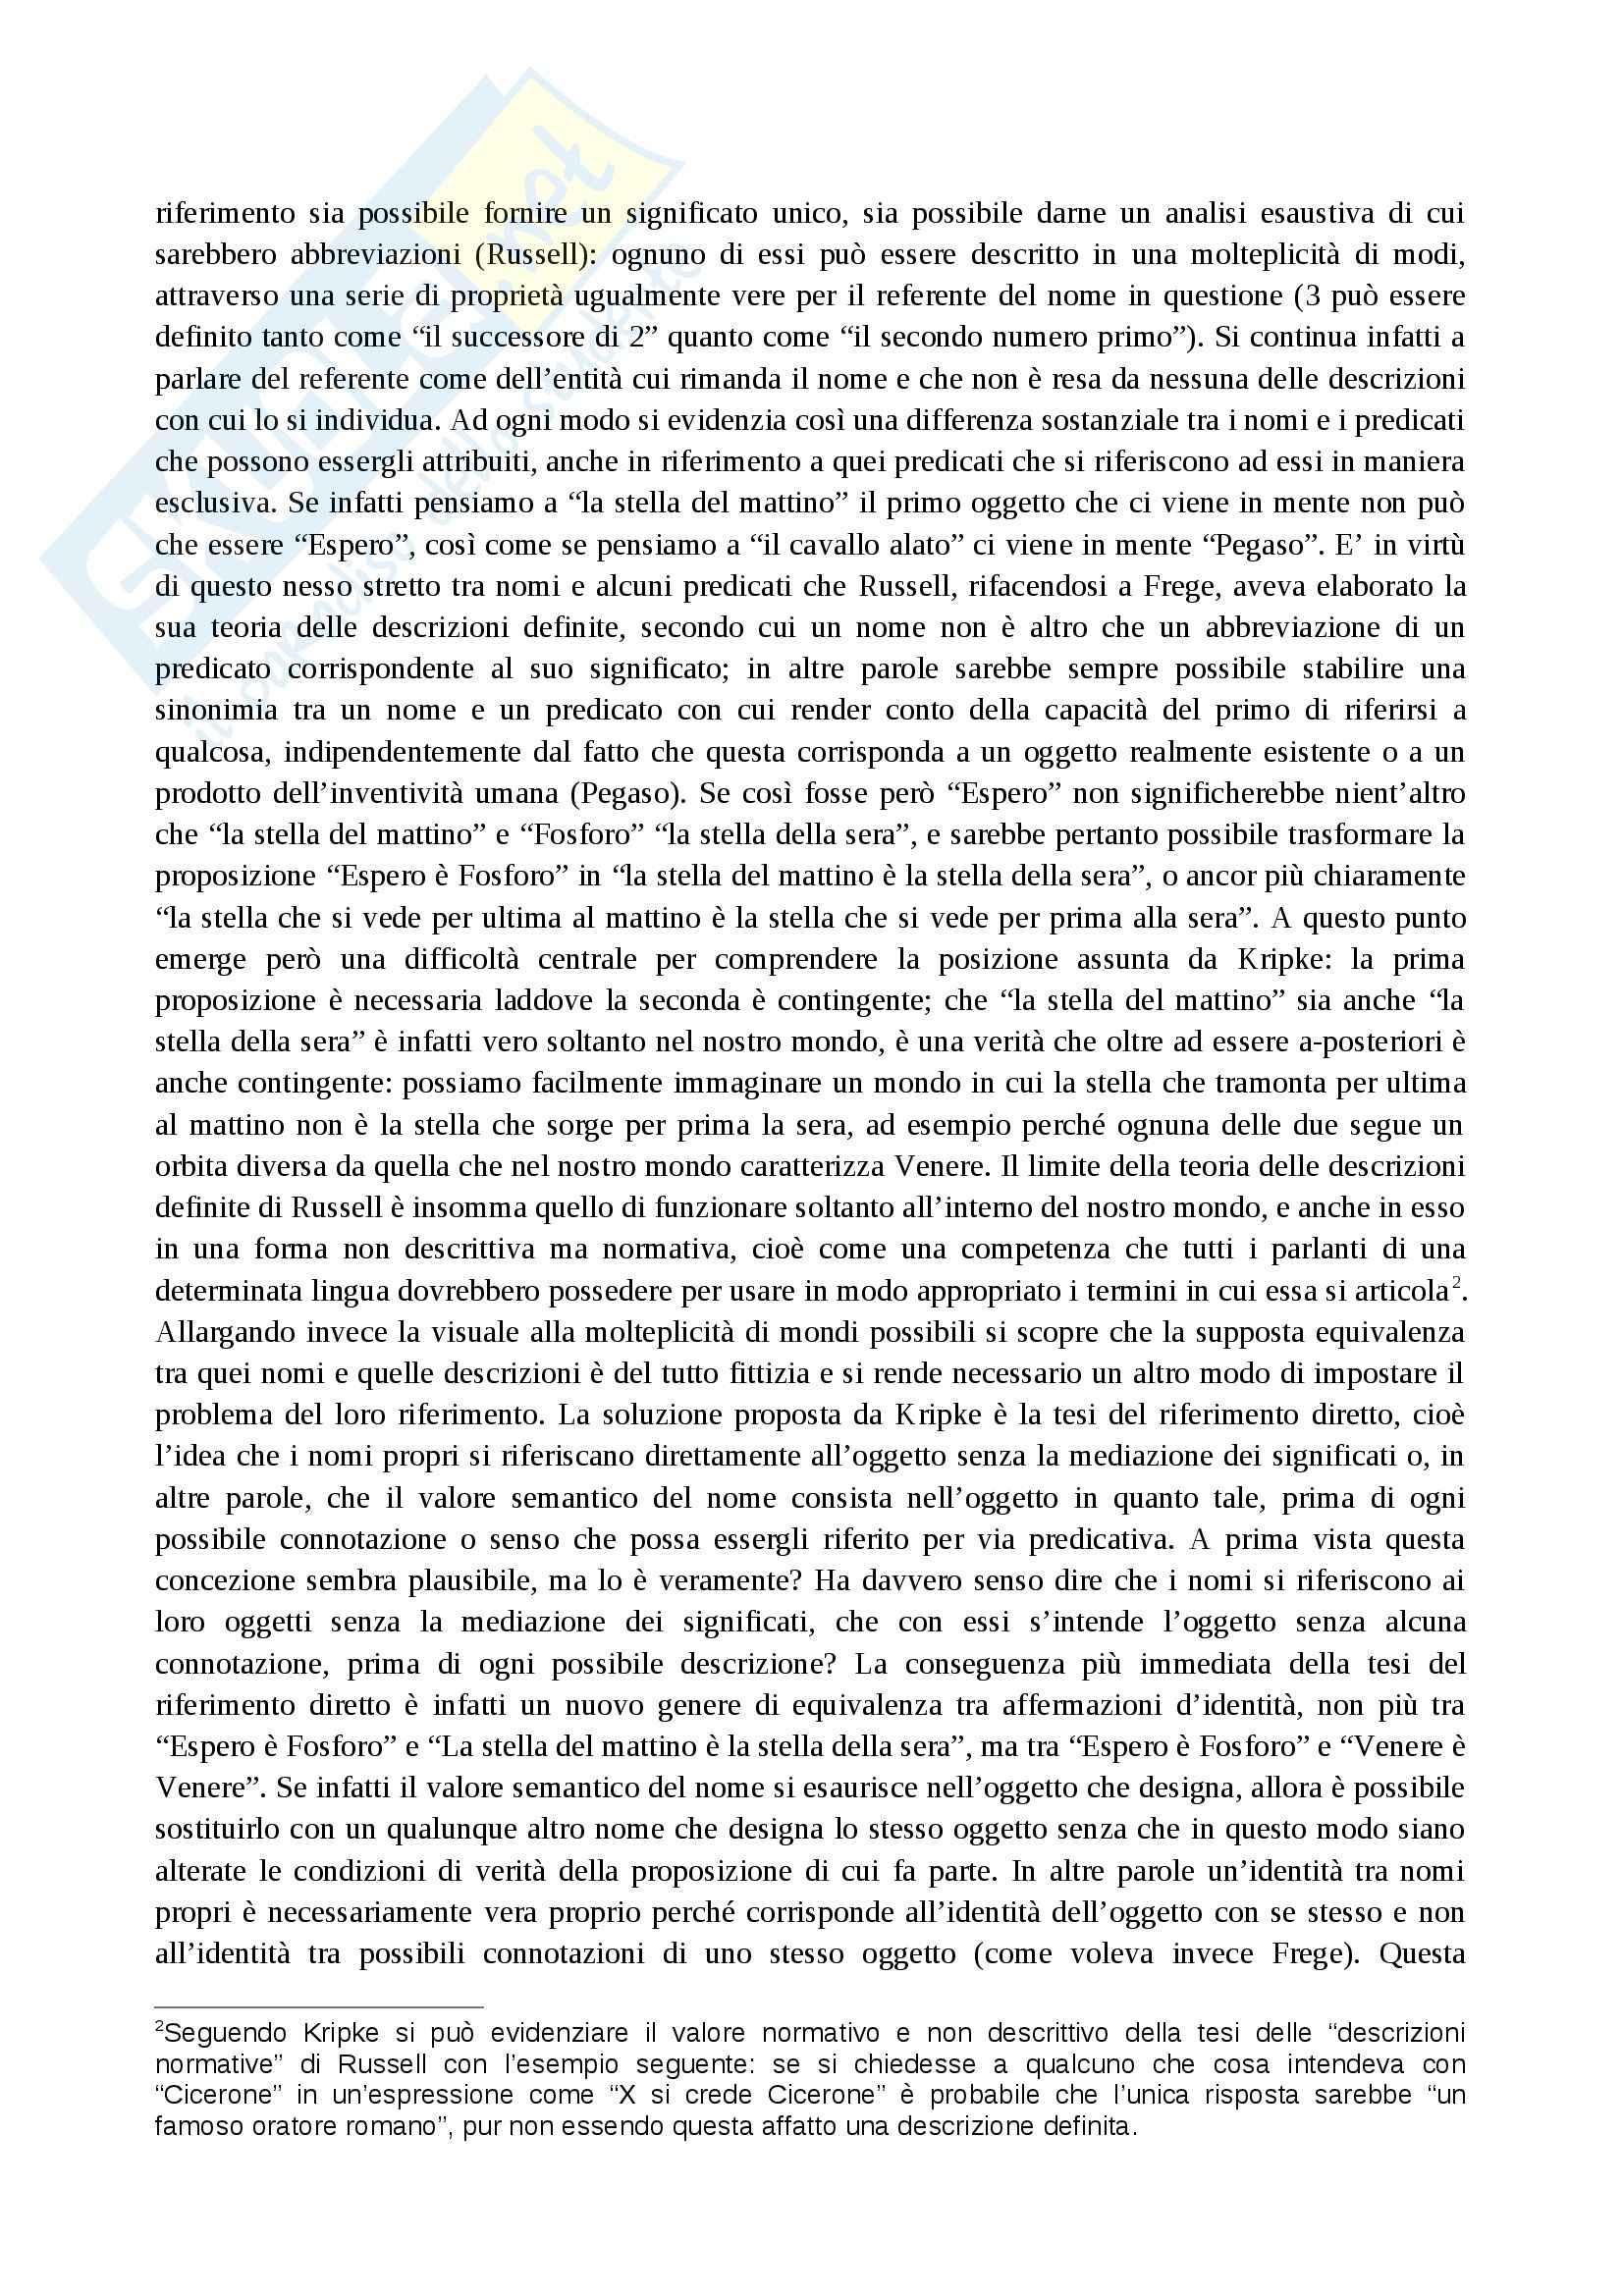 Filosofia del linguaggio - proposizioni d'identità in Kripke Pag. 2